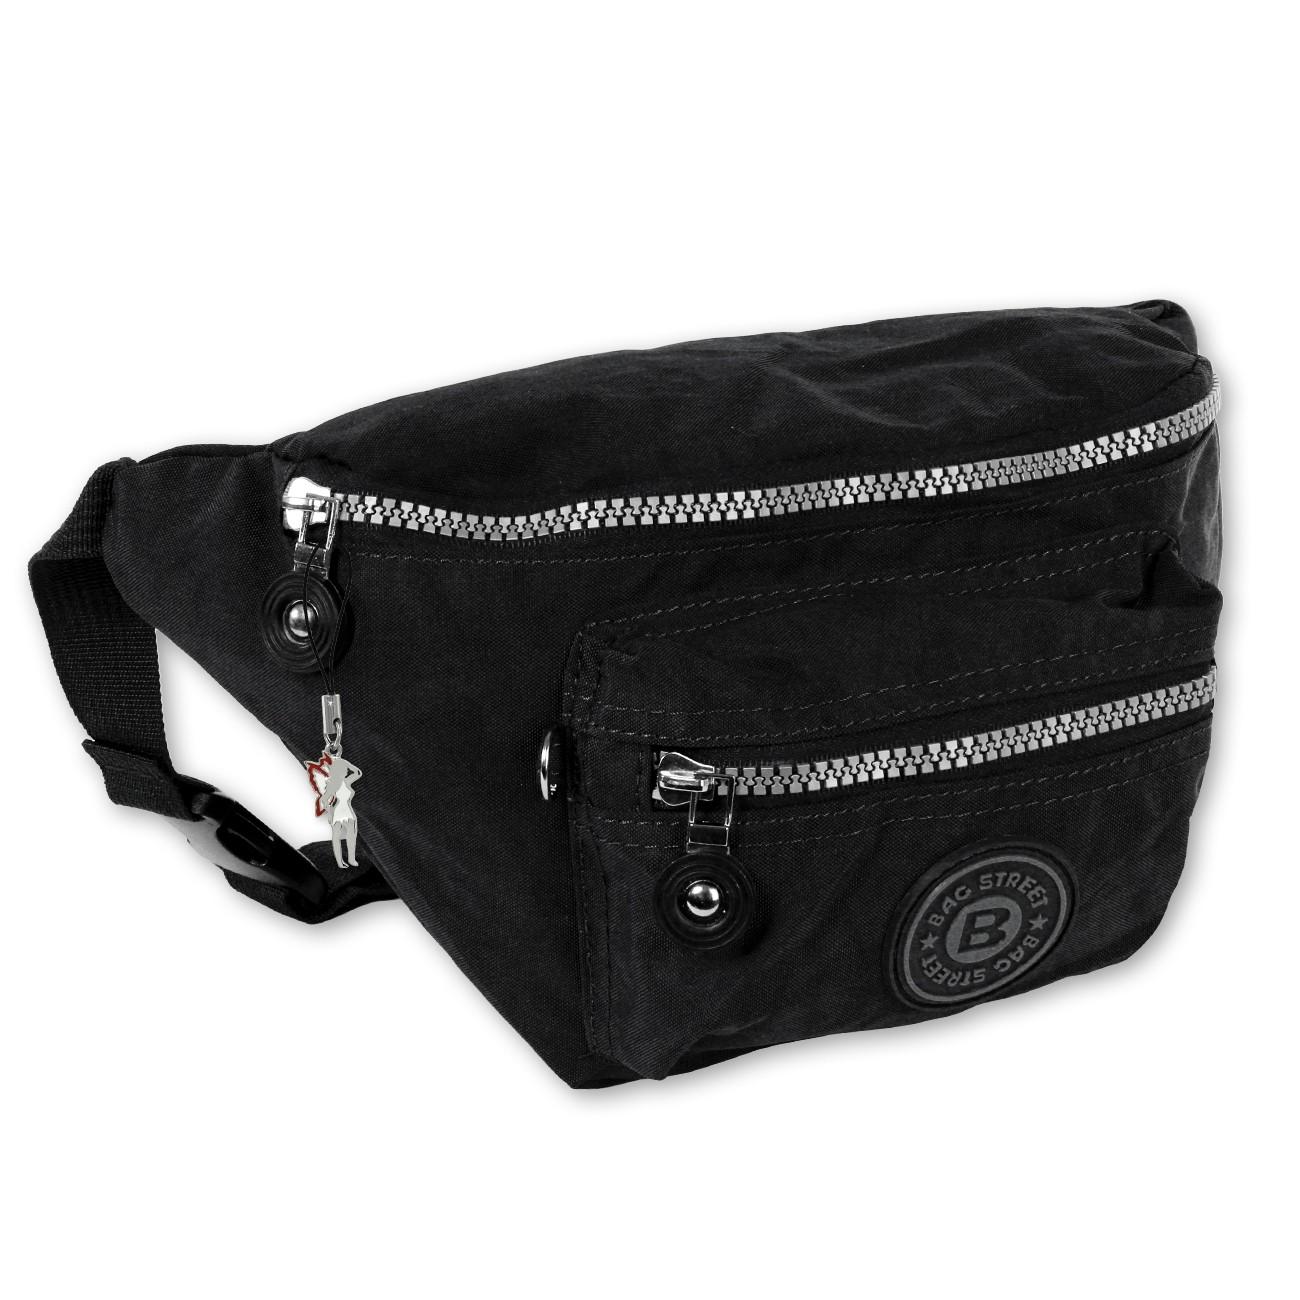 Gürteltasche Nylon schwarz Hüfttasche Bauchtasche Bag Street OTJ506S